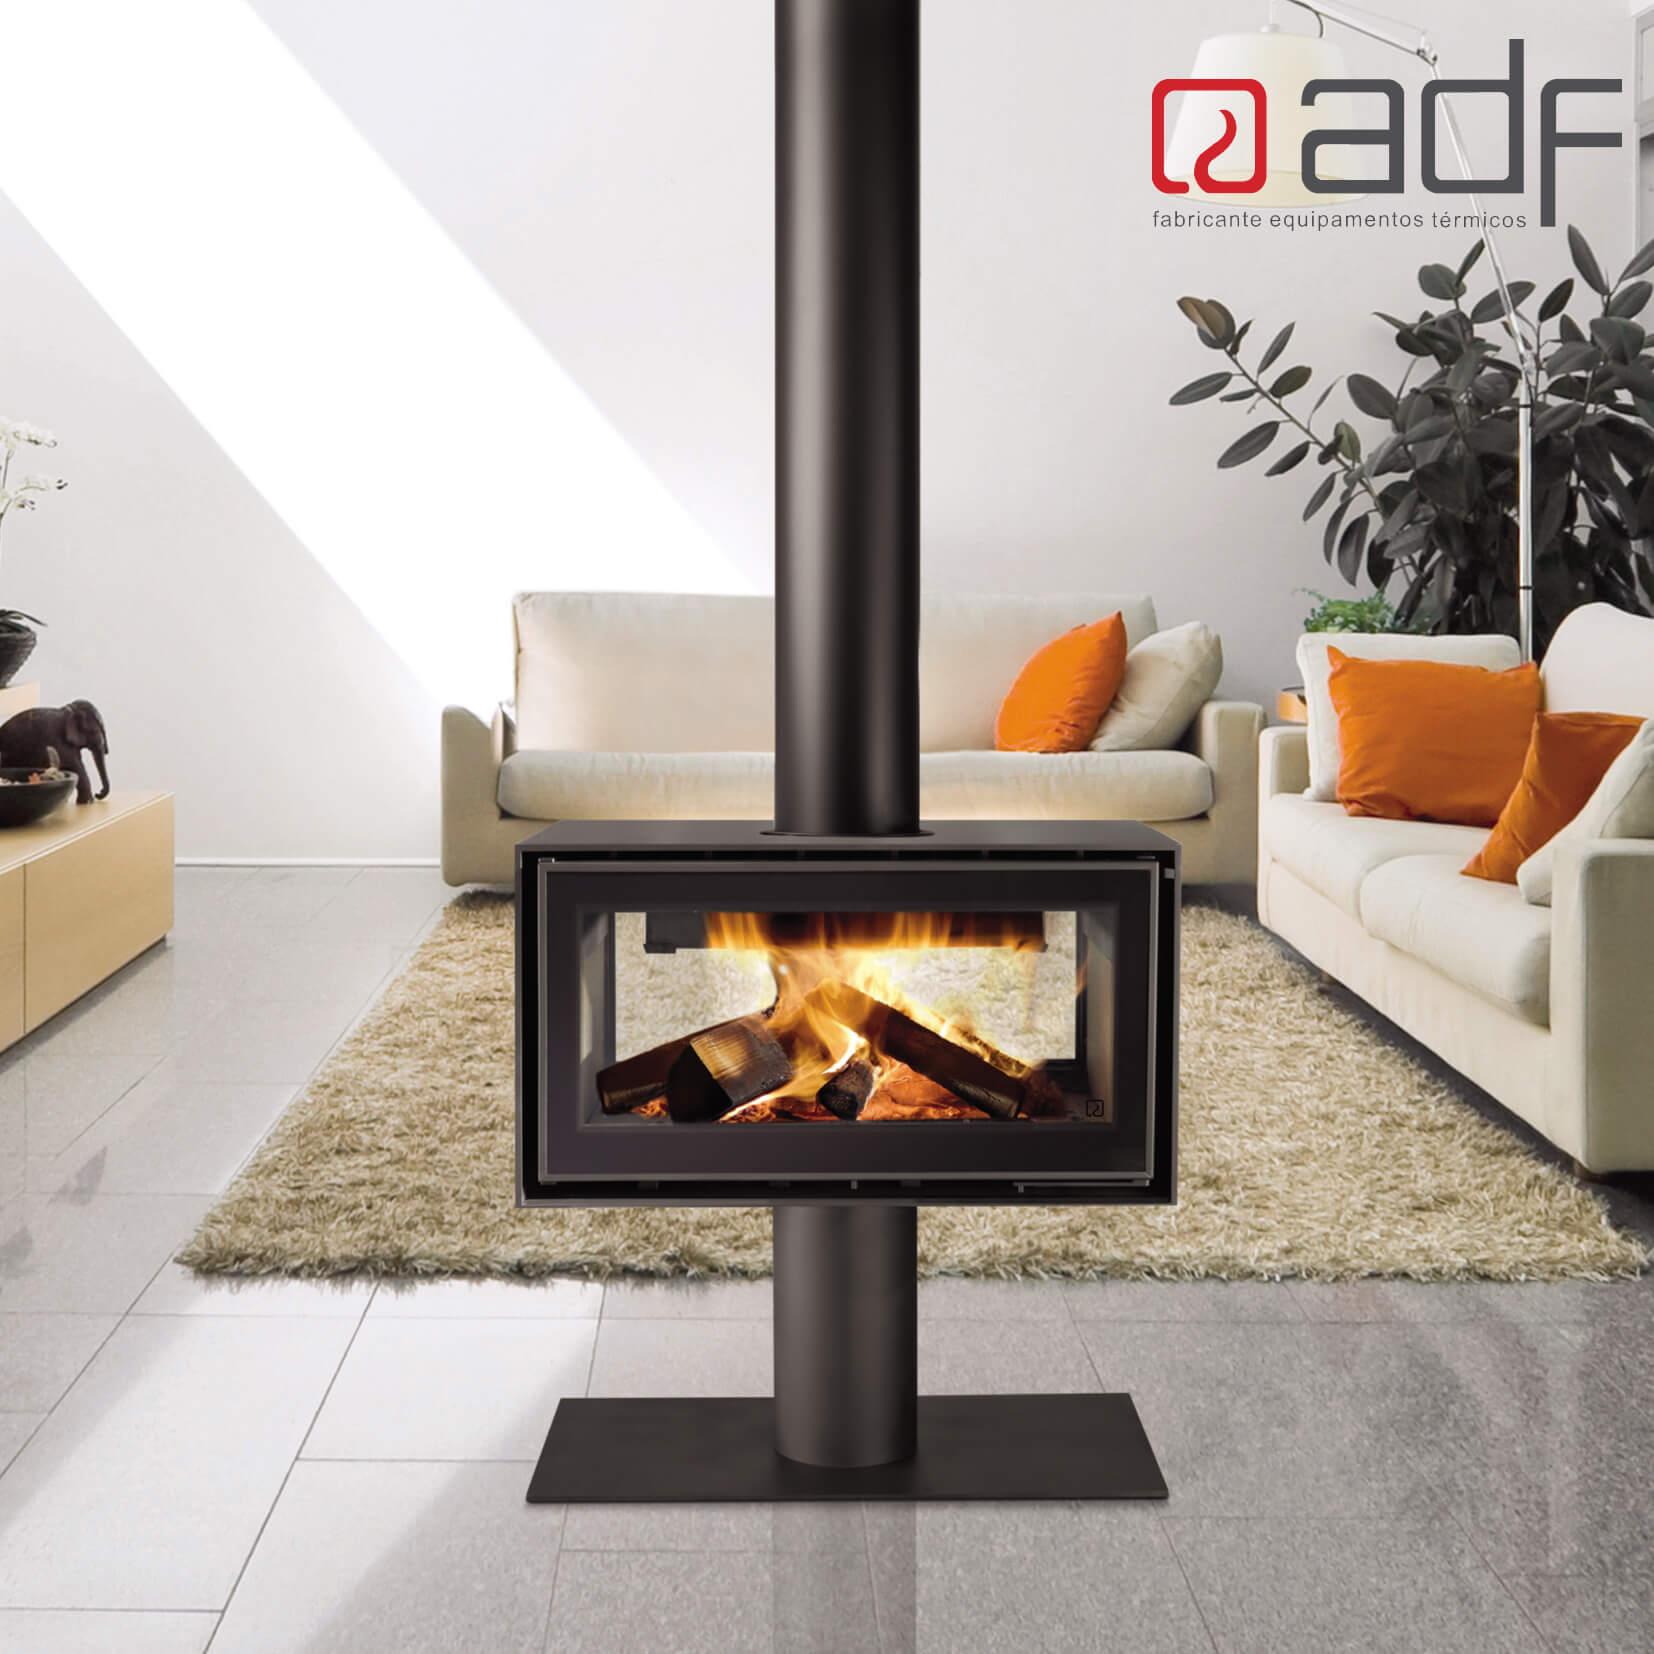 ADF – Metalomecânica